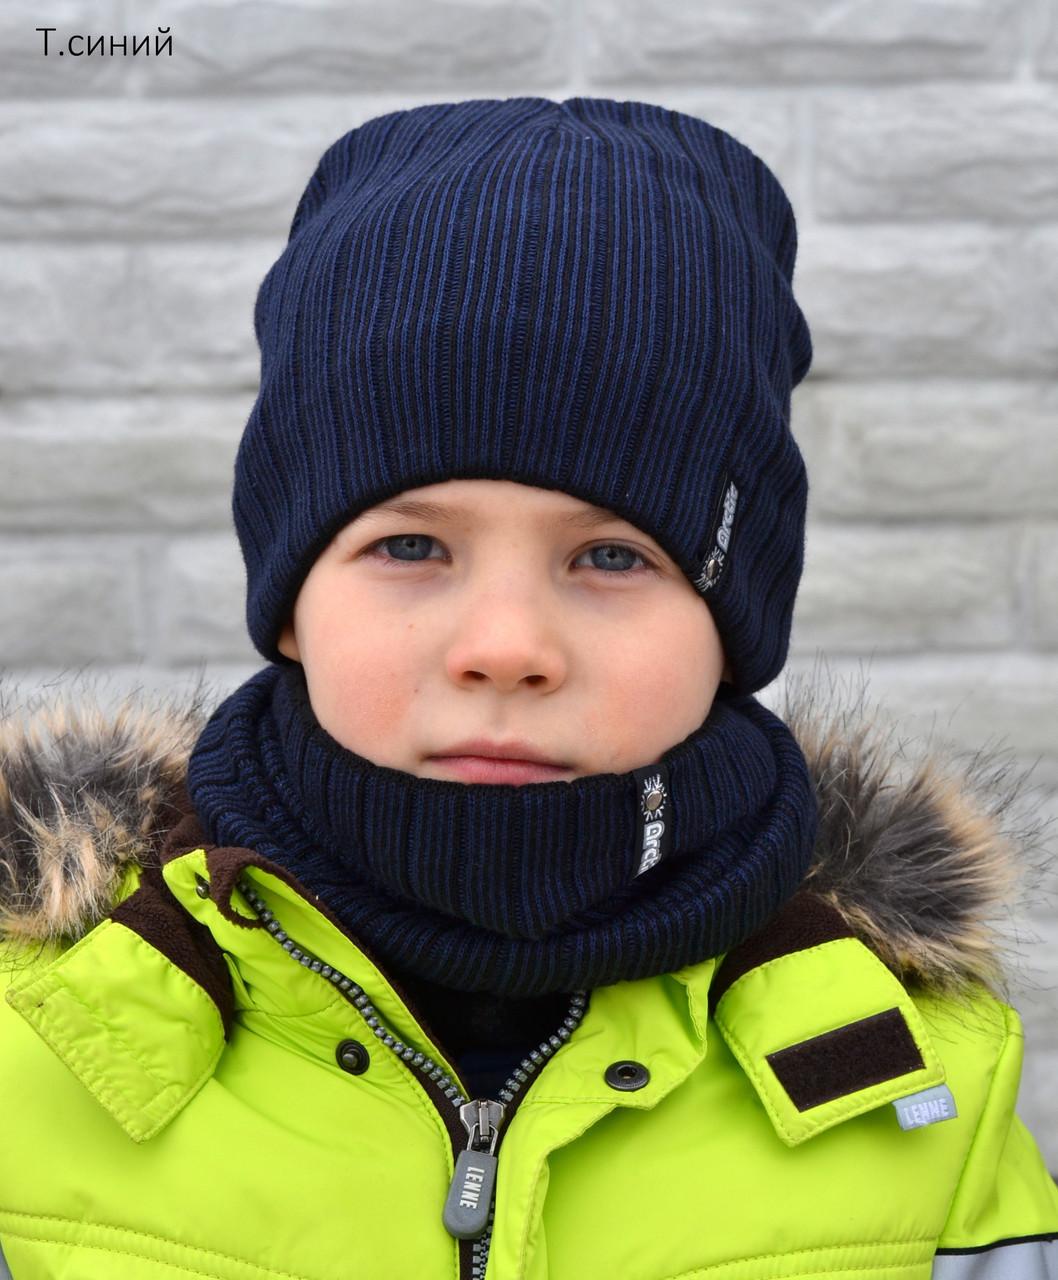 Комплект шапка+хомут на 3-7 лет. Вязка в один слой, на ушах шапка двойная.